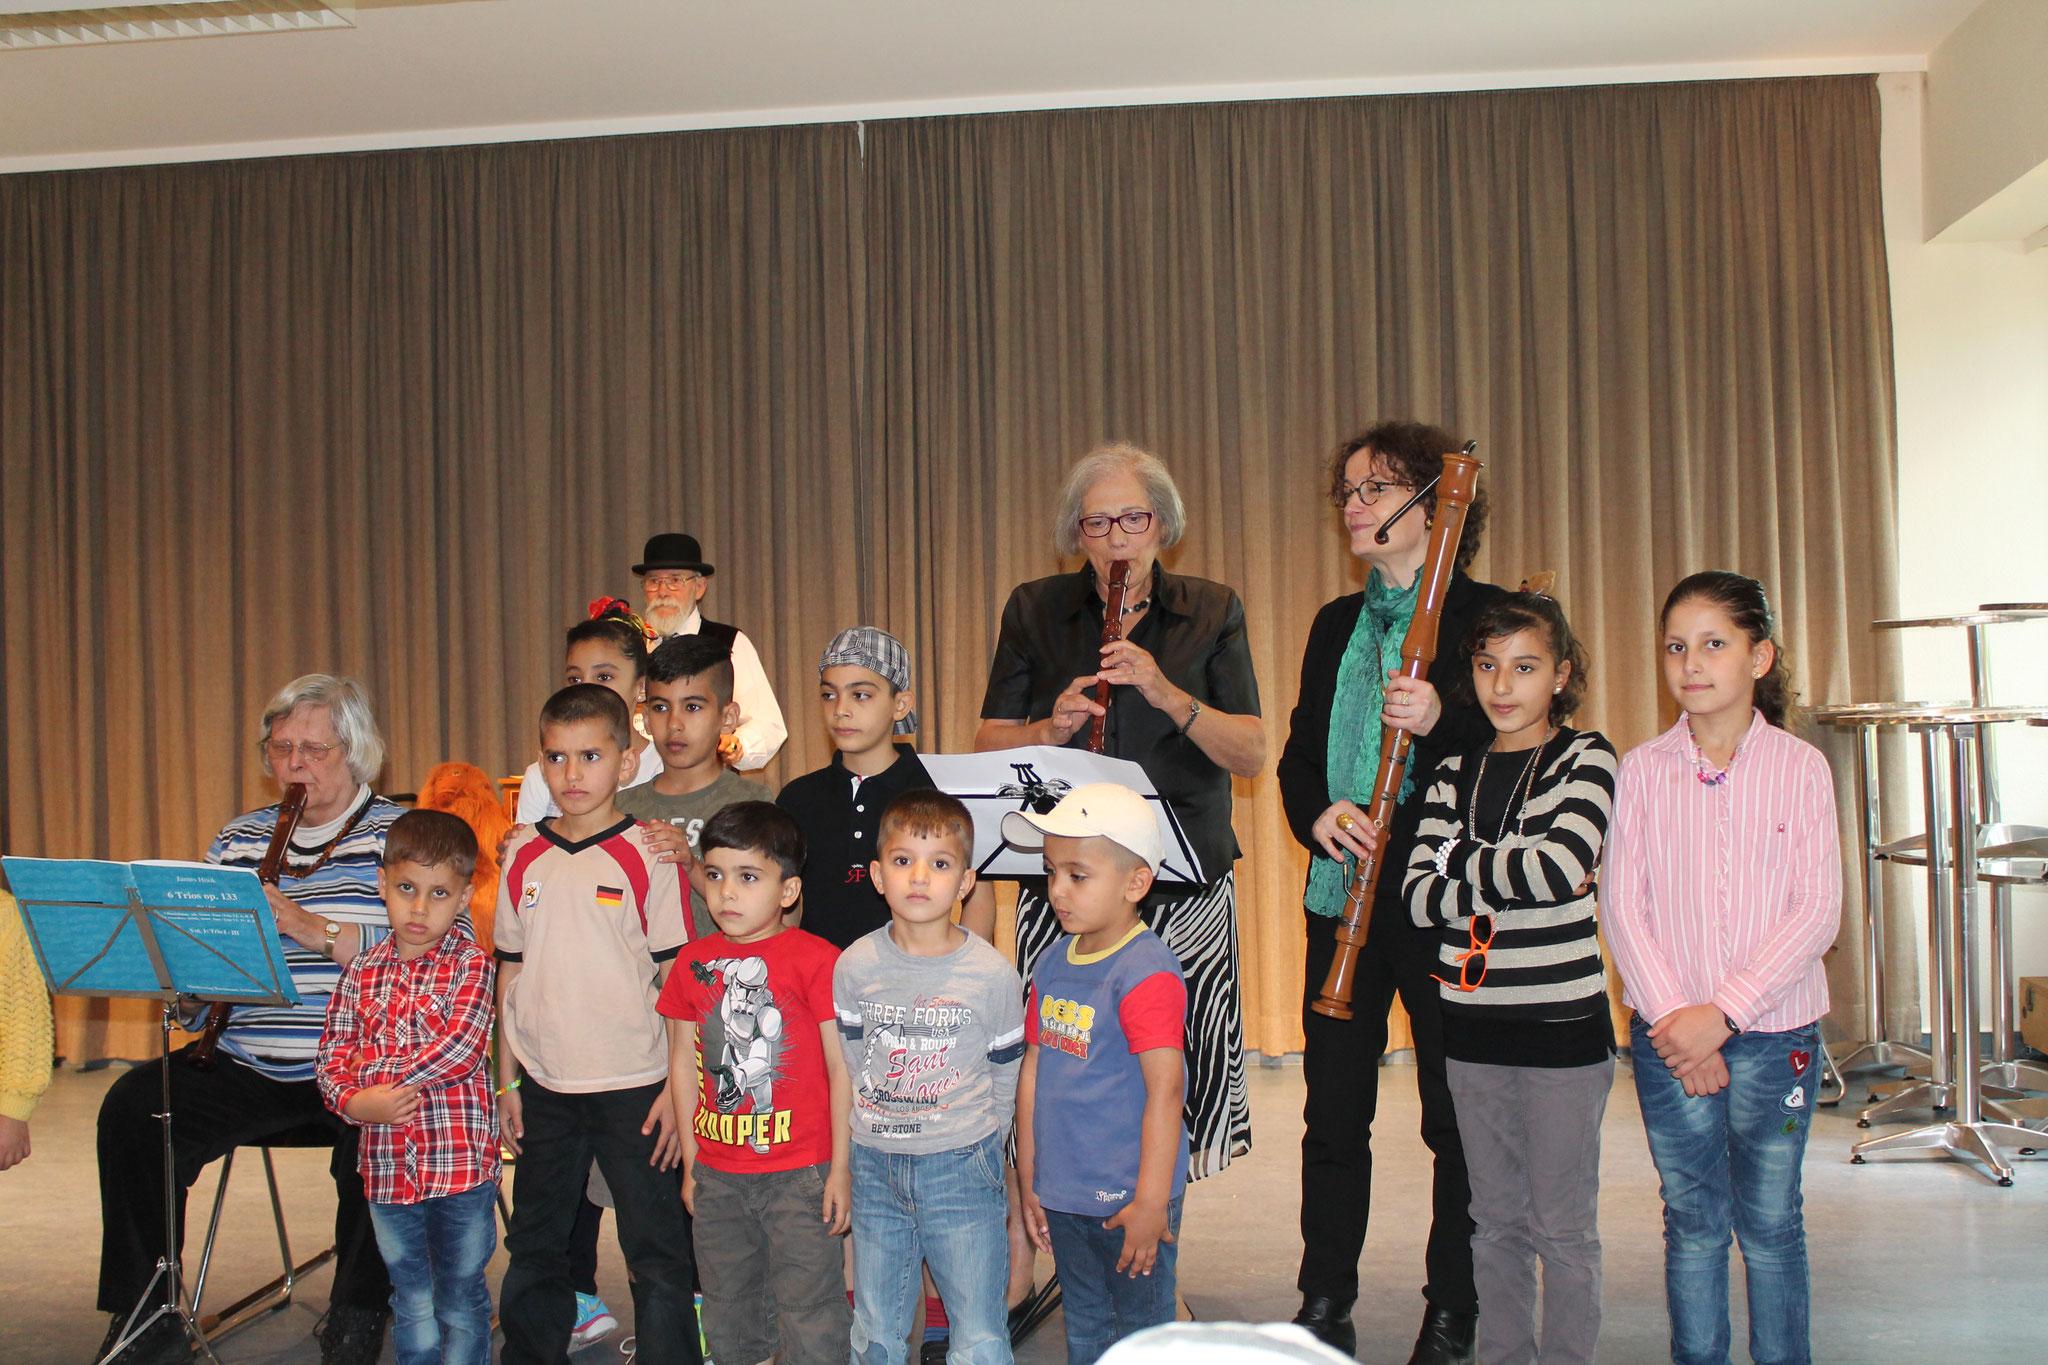 Flötenkreismitglieder, Kinder aus der Erstaufnahmeeinrichtung, Drehorgelspieler im Hintergrund